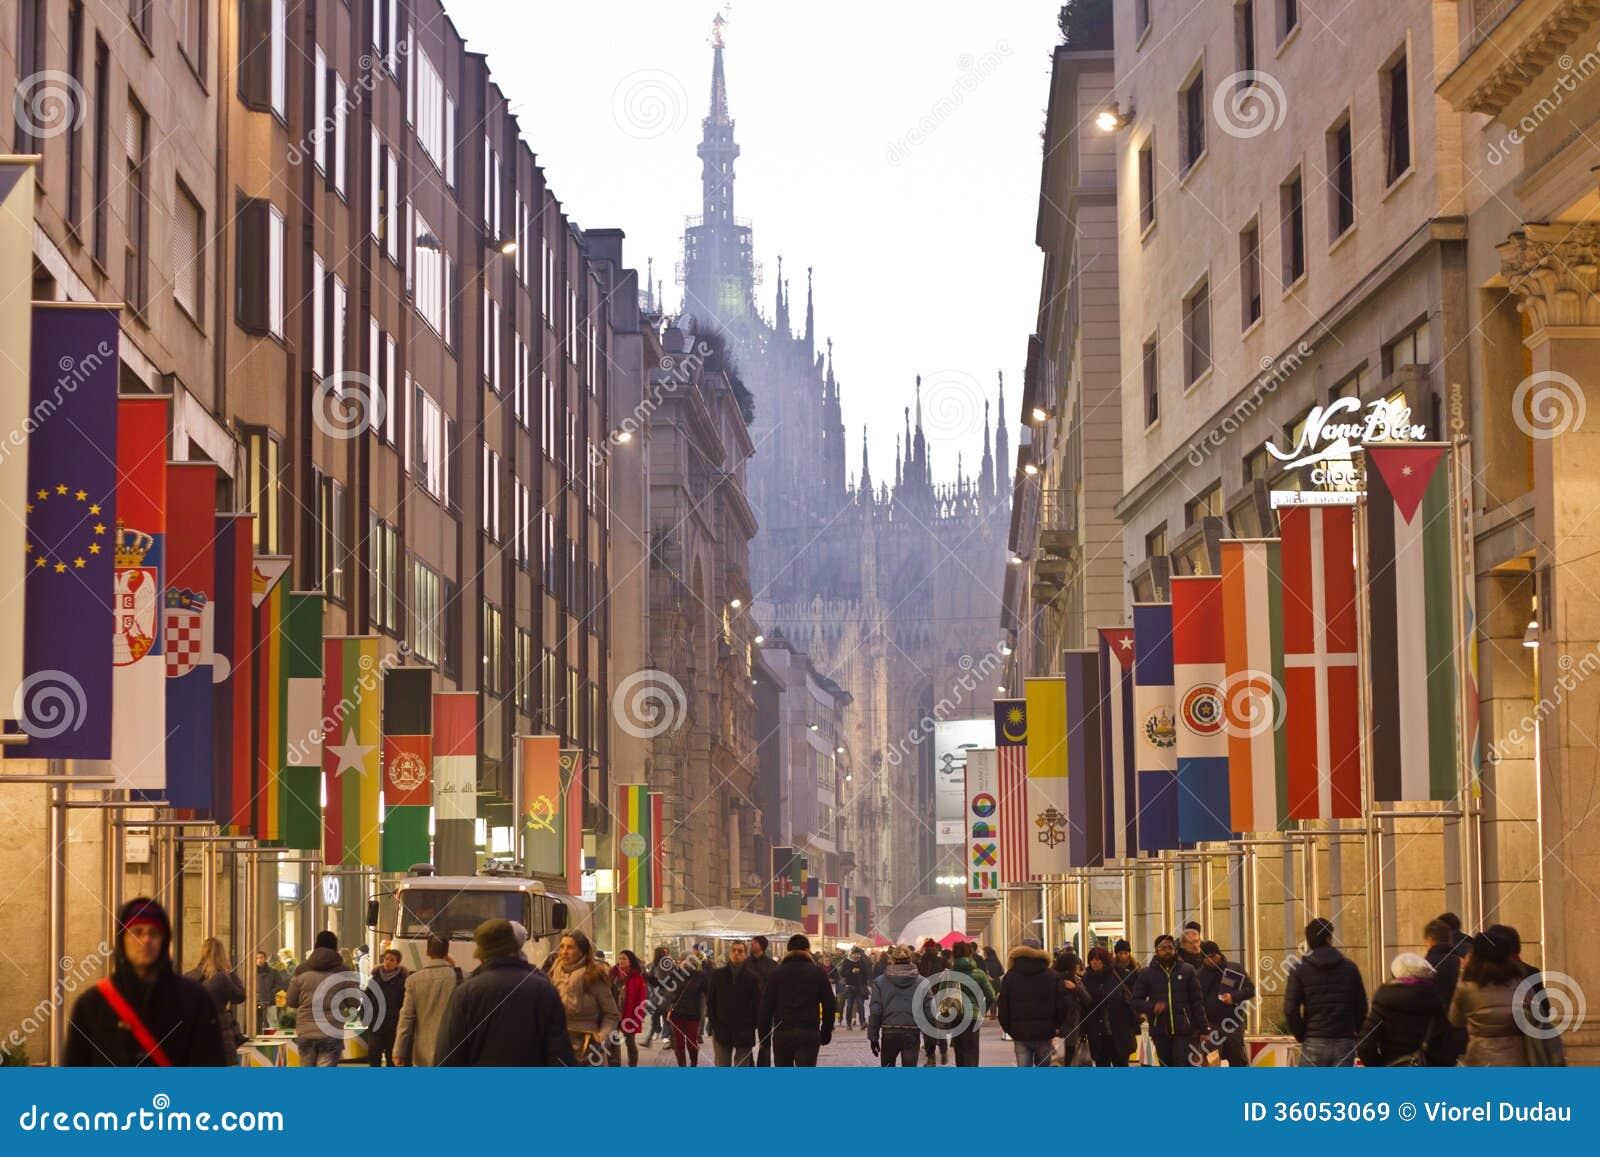 Corso vittorio emanuele in milan editorial stock image for Corso arredatore d interni milano